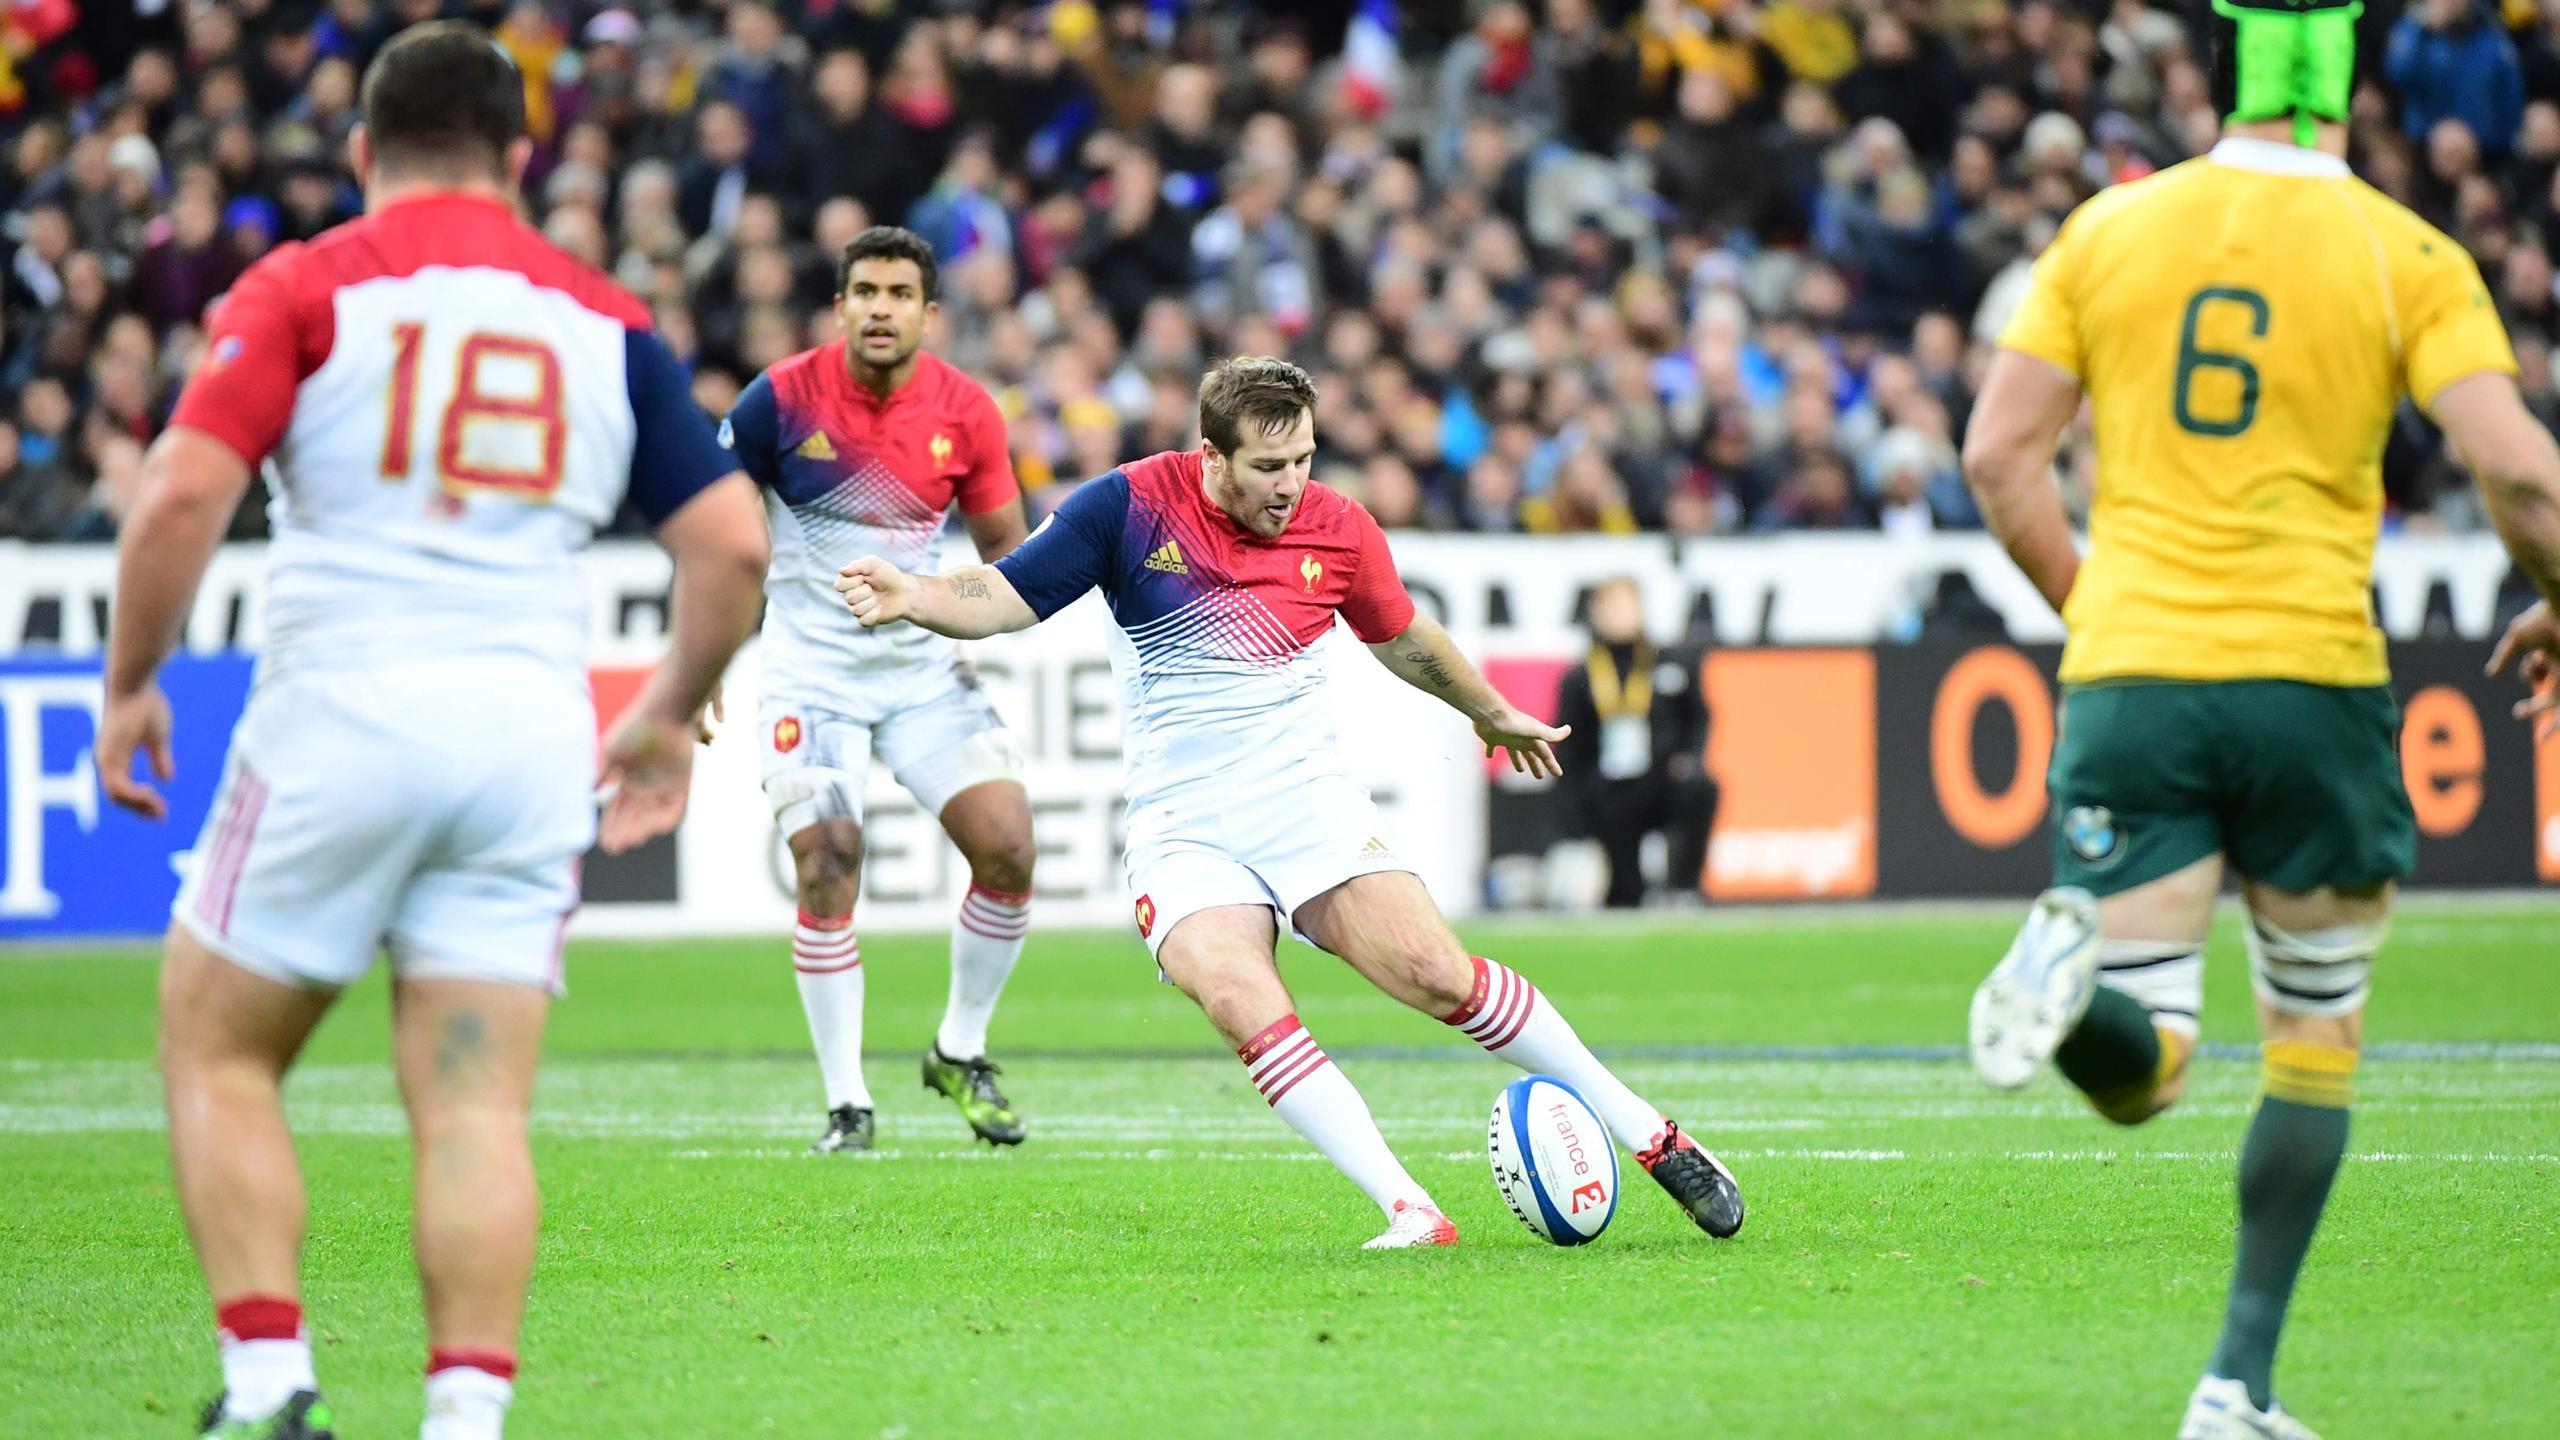 La tentative de drop de Camille Lopez (XV de France) face à l'Australie - 19 novembre 2016